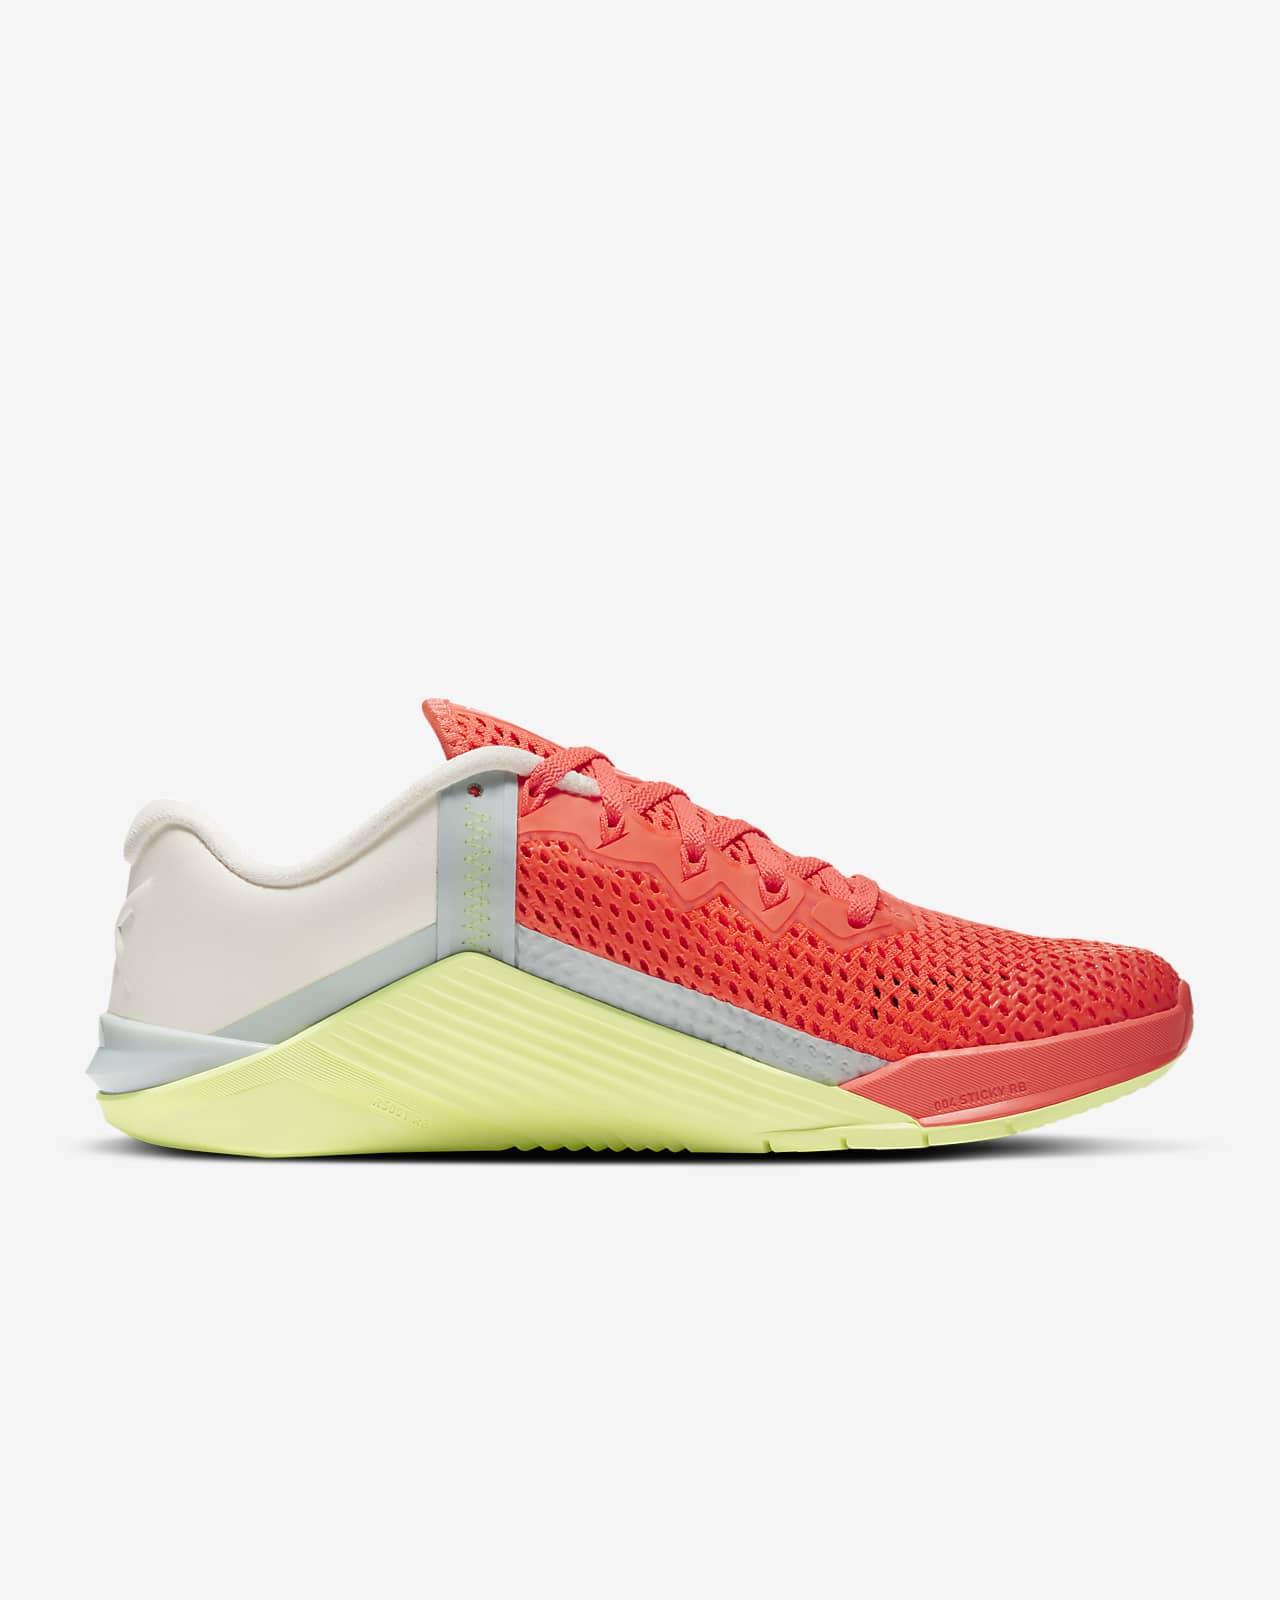 Nike Metcon 6 Women's Training Shoe